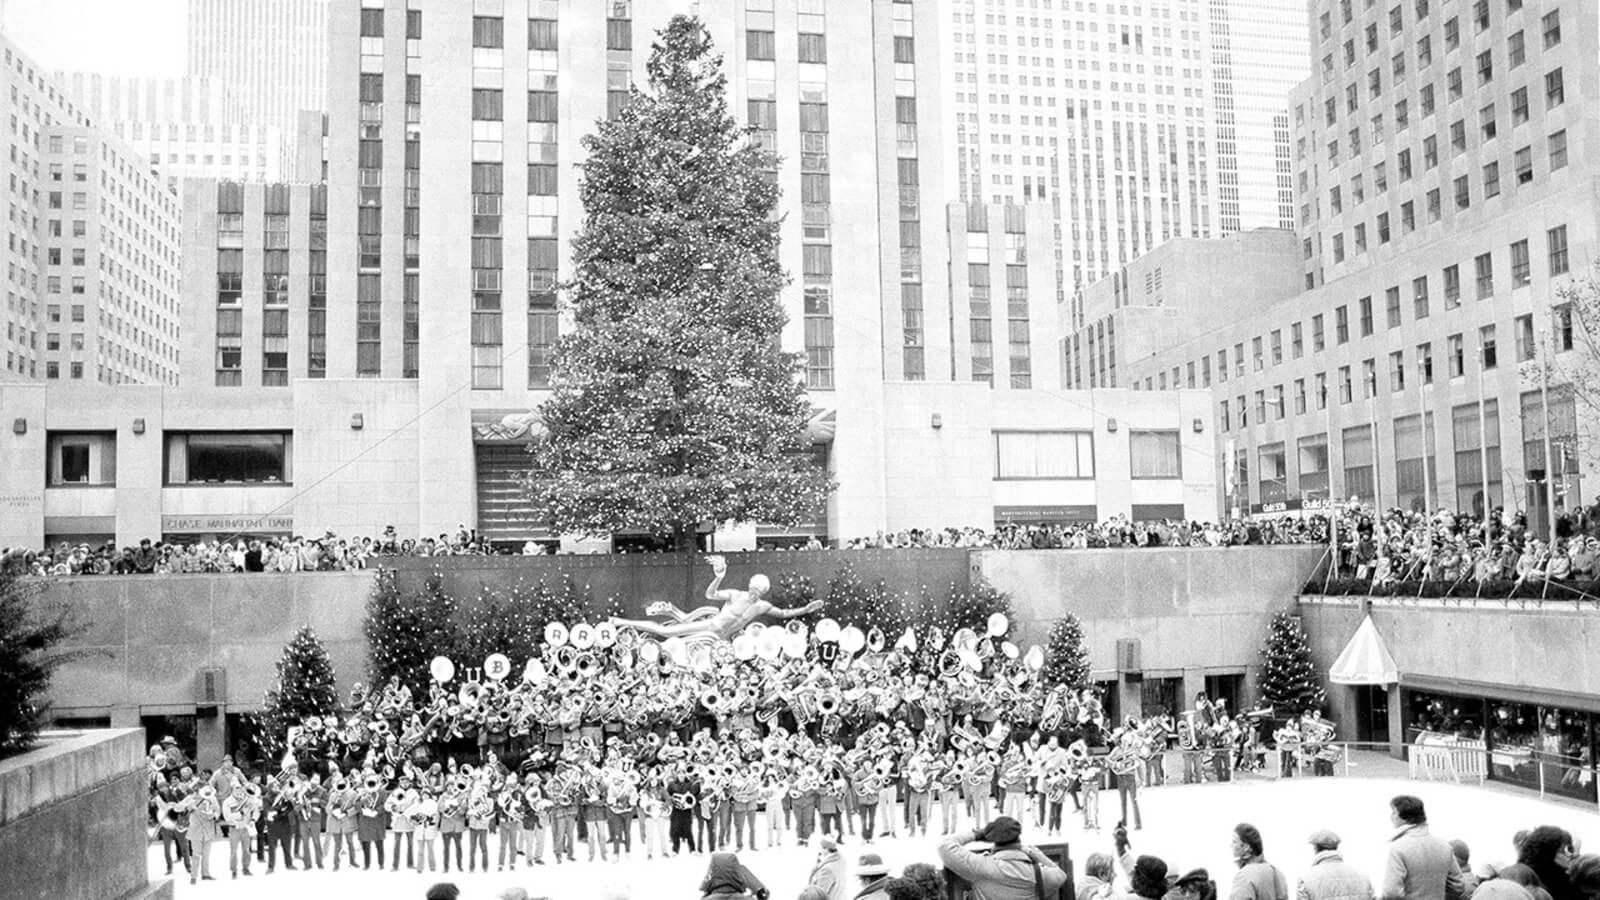 Albero Di Natale New York 2020.Festivita Ed Eventi A New York Archivi New York City 4 All